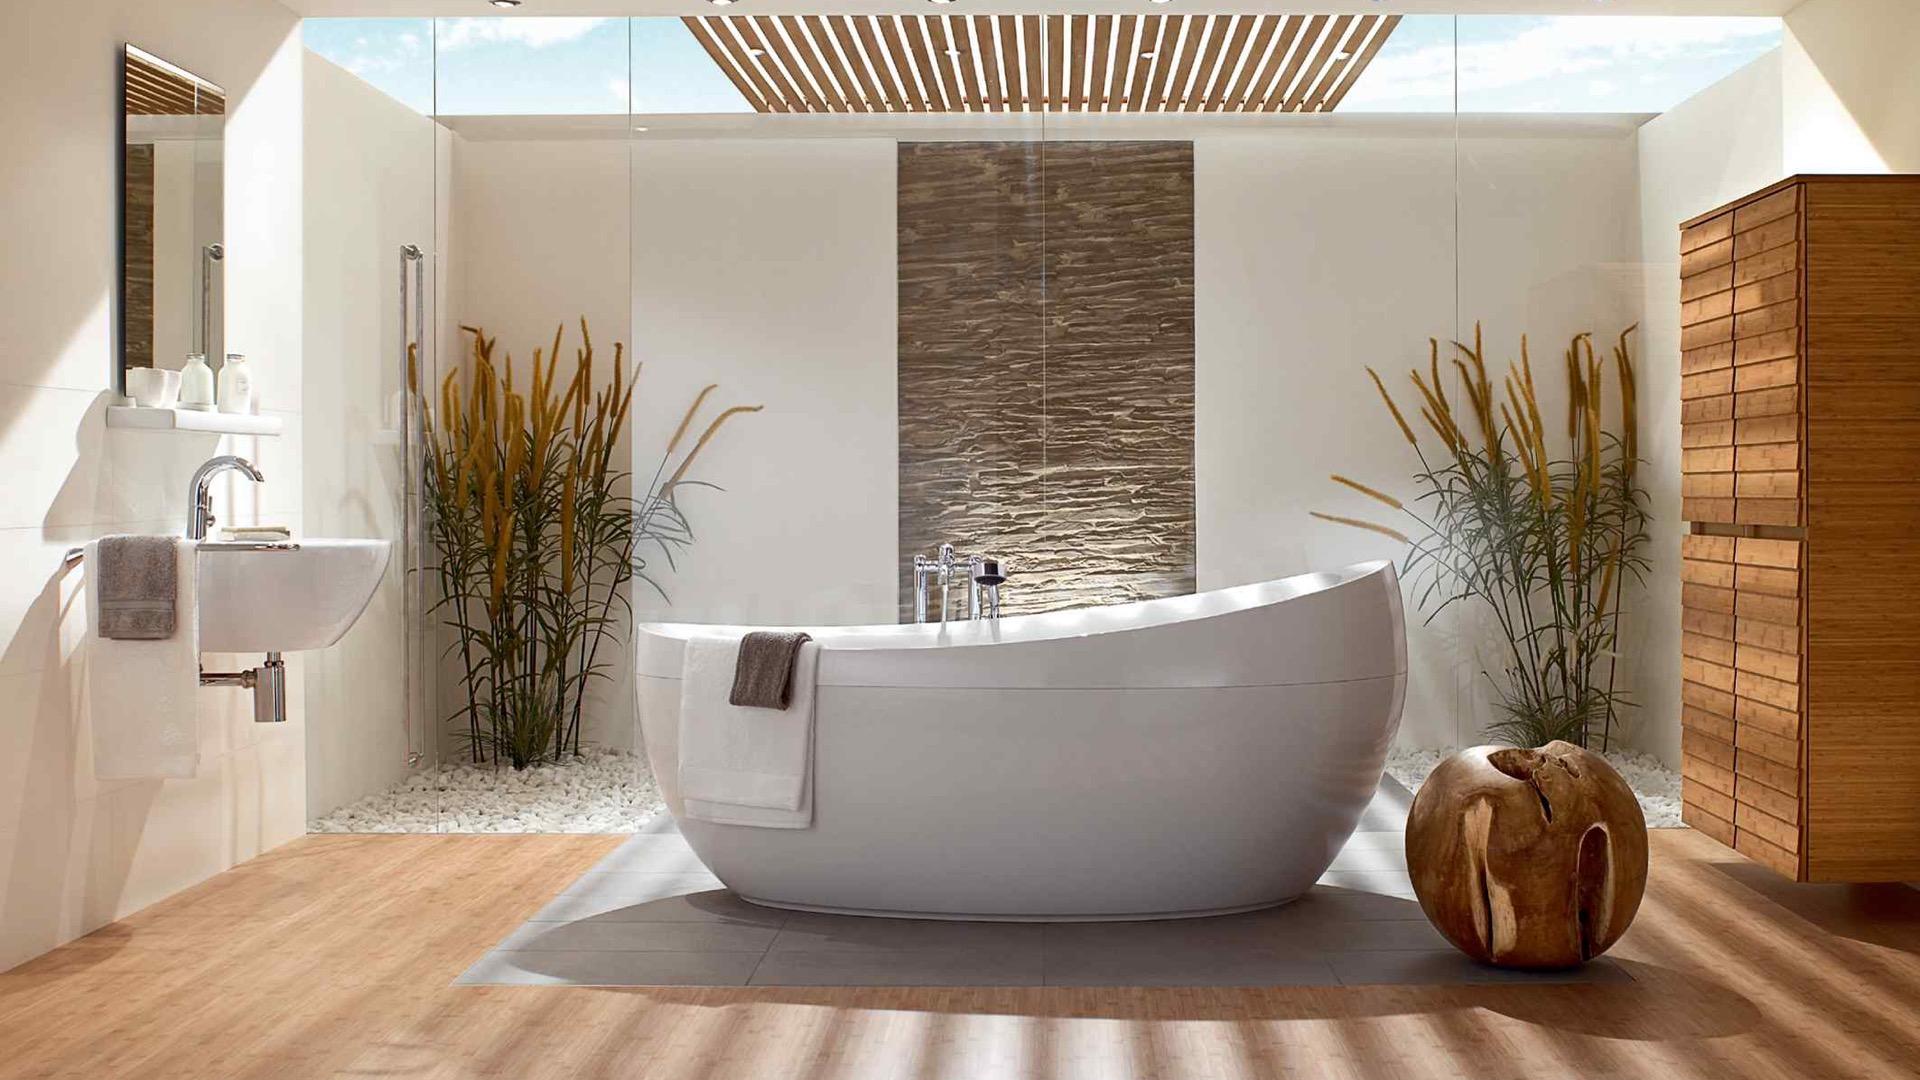 architektur-dekoration-tipps-ideen-moderne-wohnung-badezimmer-vb ...